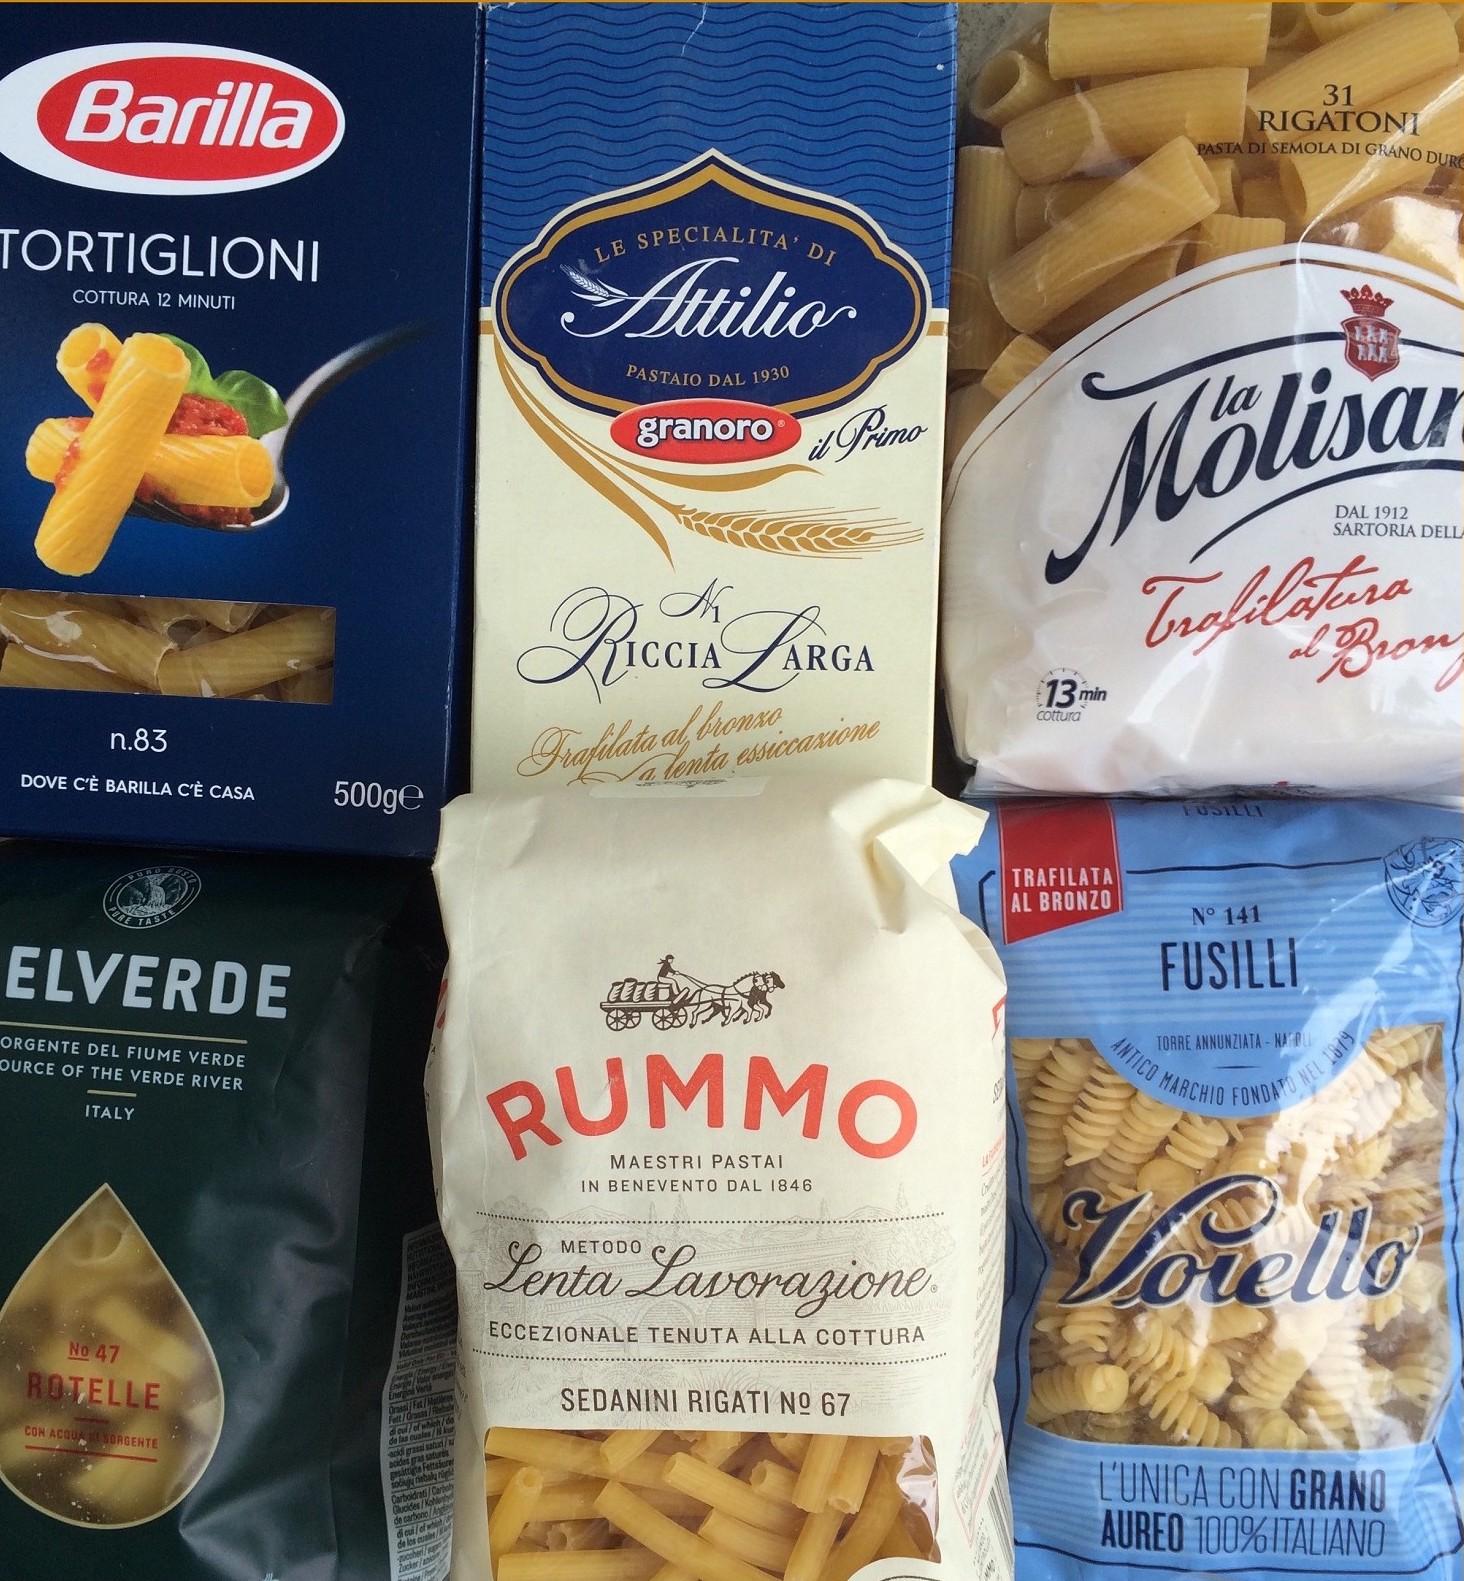 Pasta, etichetta origine nuova in arrivo